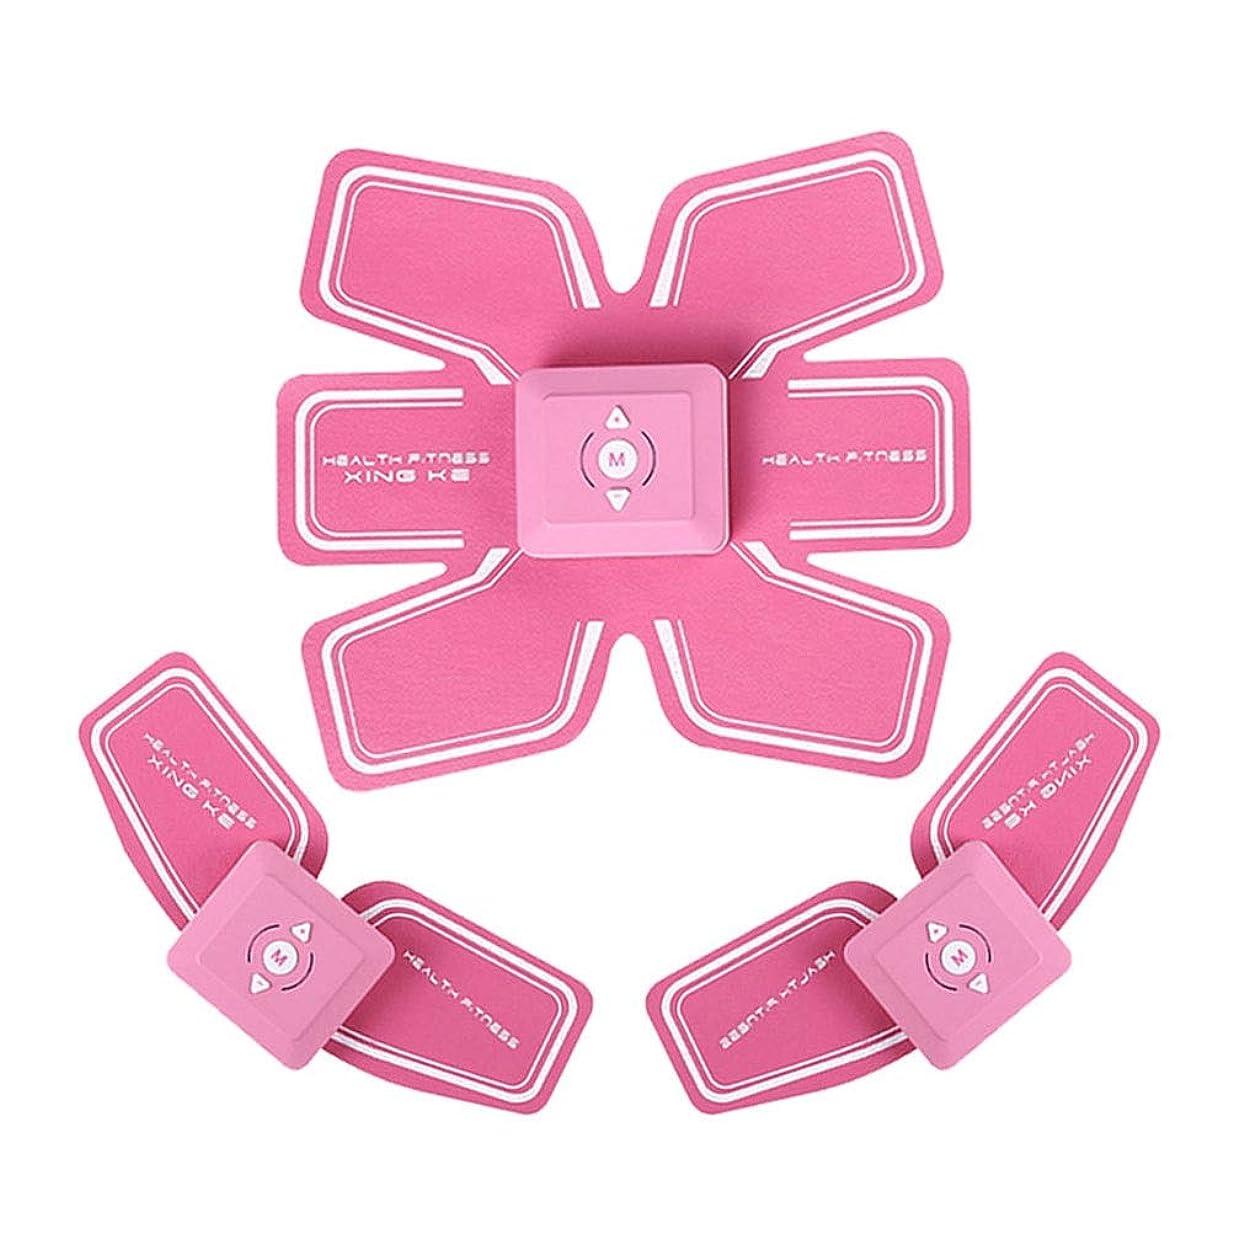 酸っぱい好意賭けABSトレーナーEMS筋肉刺激装置付きLCDディスプレイUSB充電式究極腹部刺激装置付きリズムソフトインパルス6モード9レベルポータブル (Color : Pink, Size : A+2B)